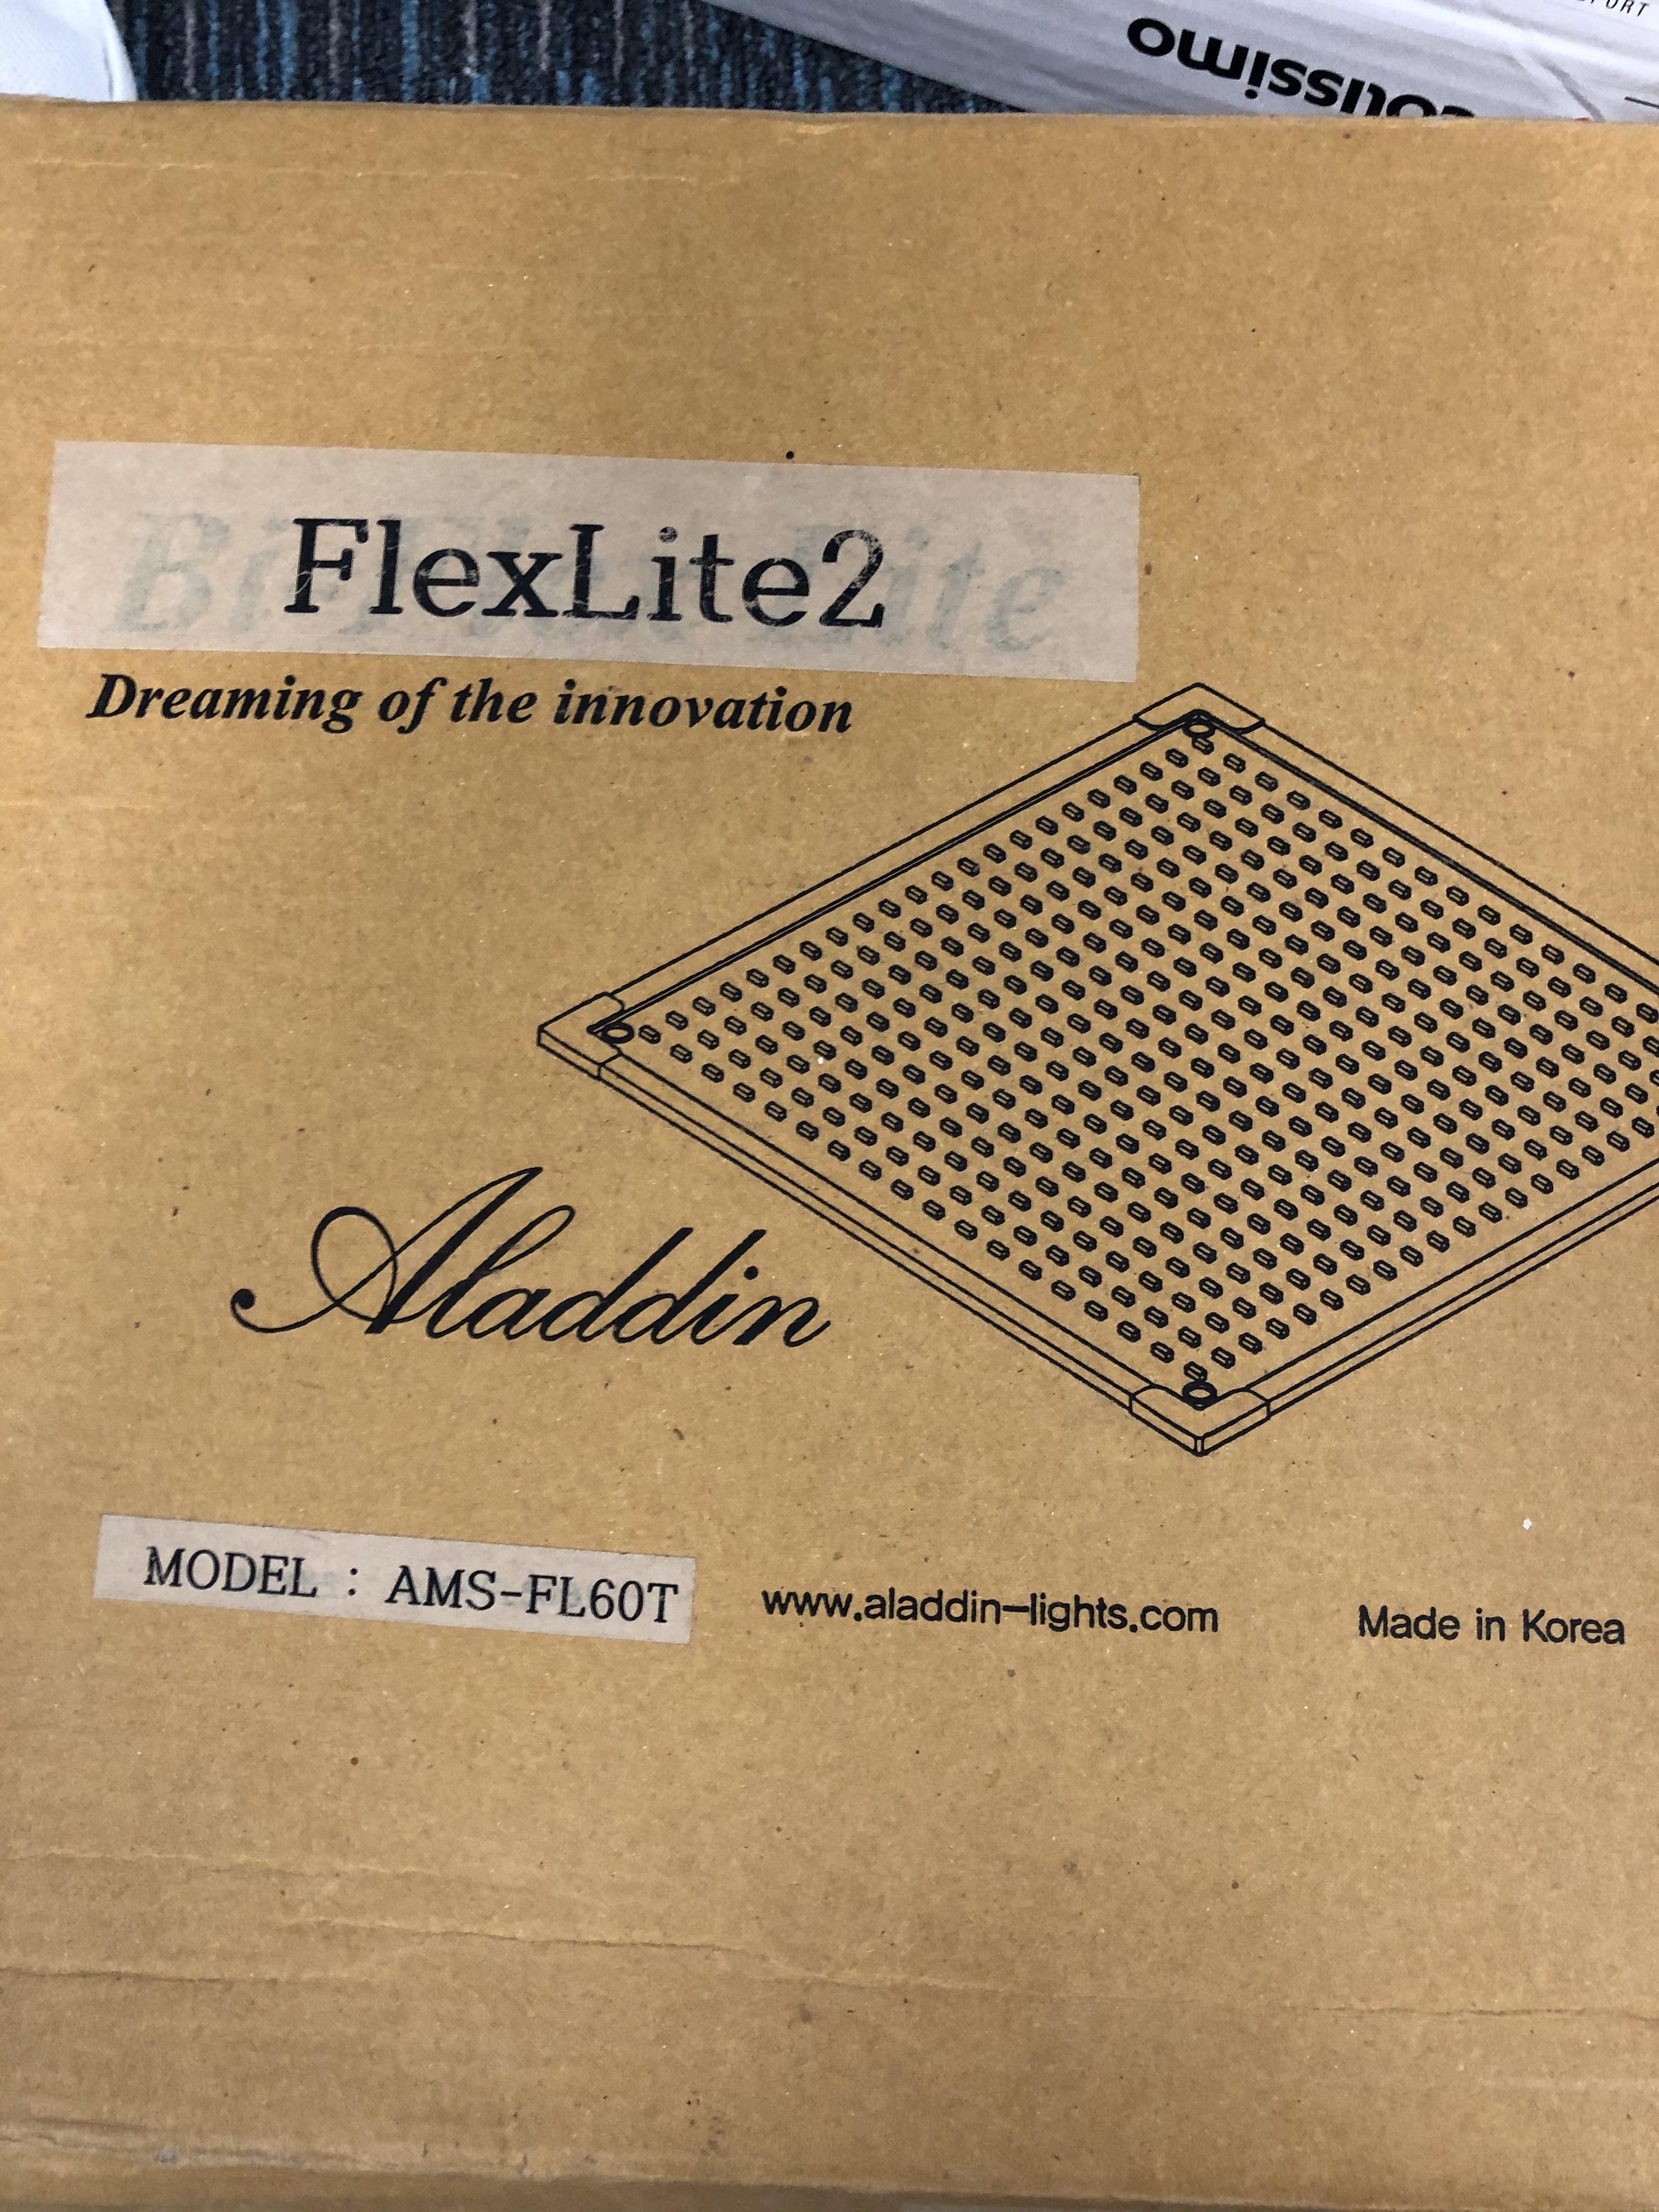 Aladin Flex Lite 1 | eclairage LED photo vidéo